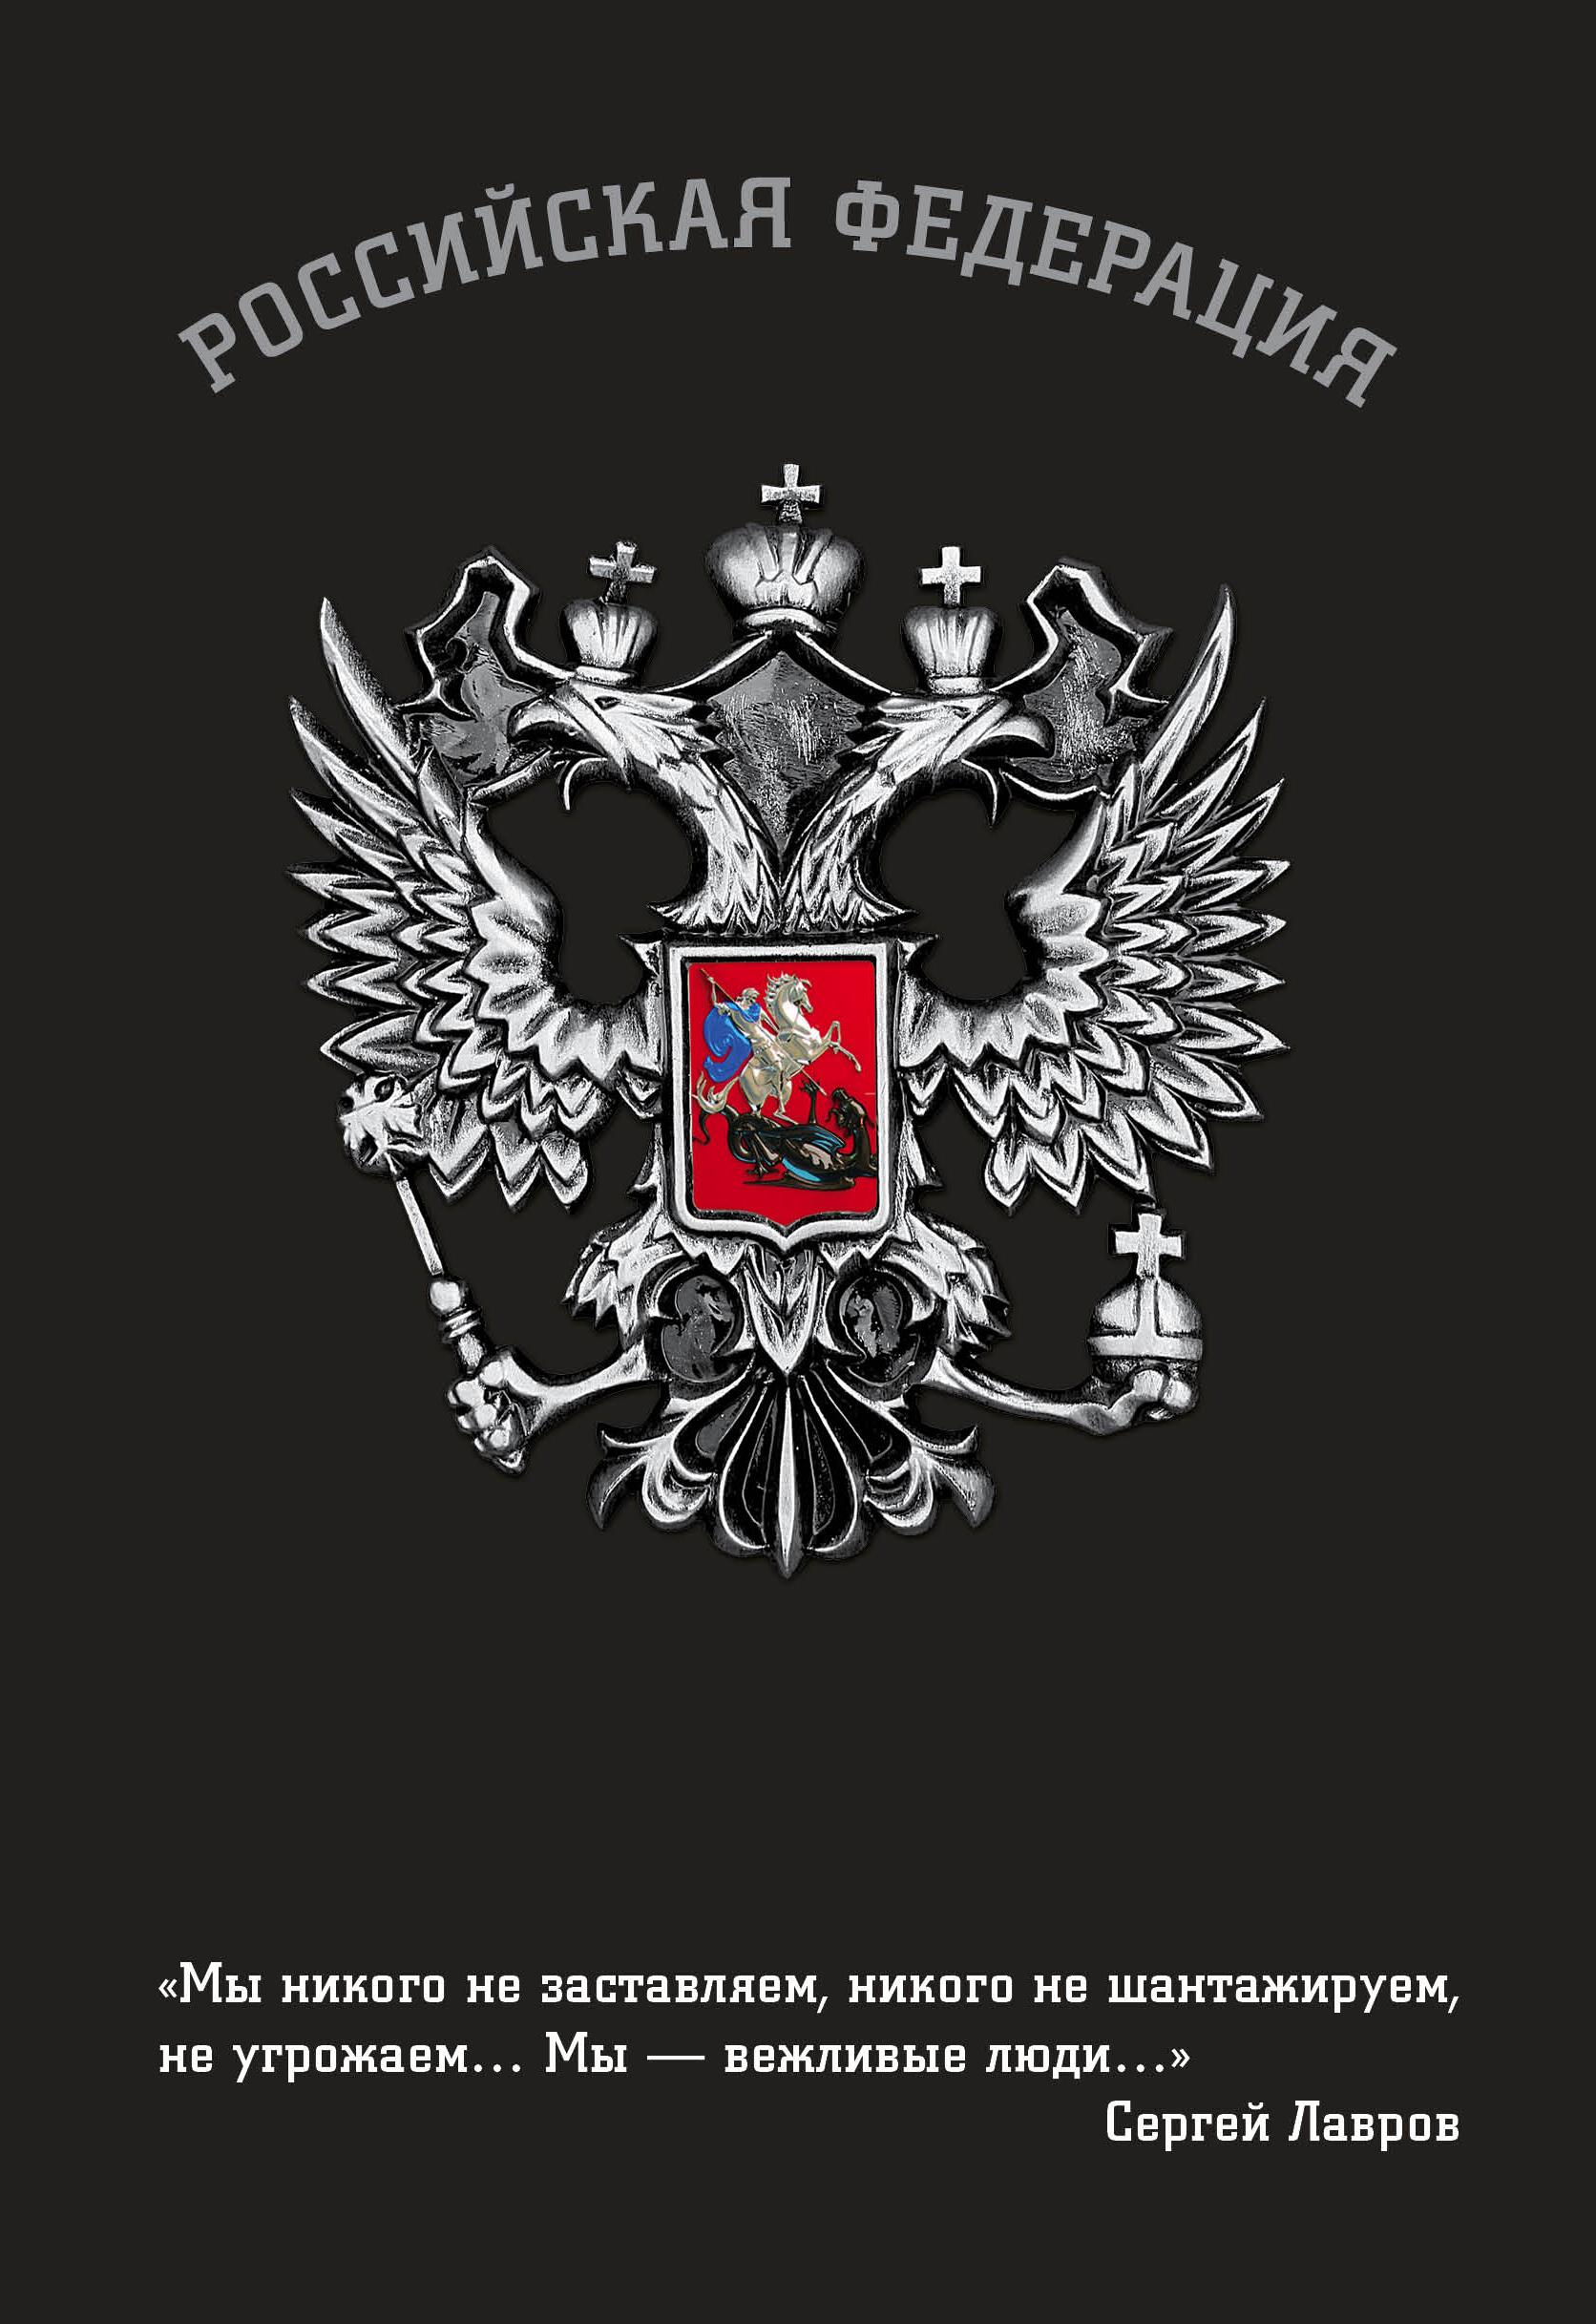 Блокнот Российской Федерации блокноты artangels блокнот ангелы хранители дома 12х17